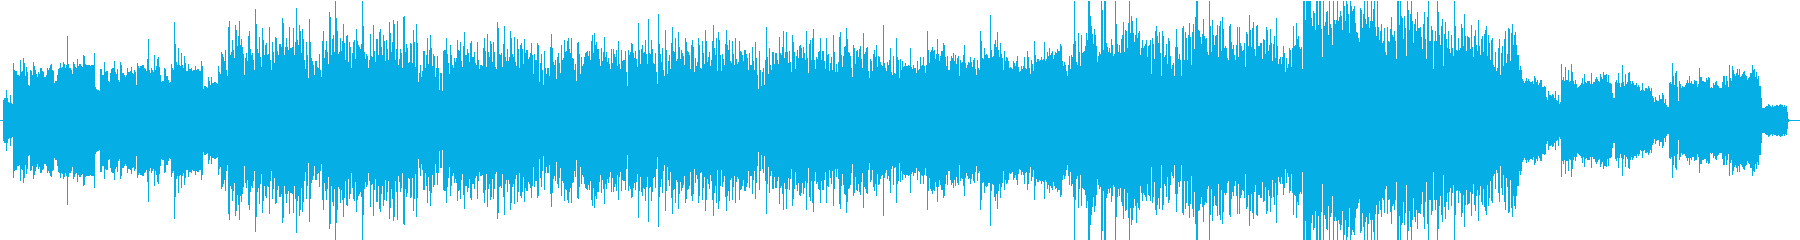 RPGのオープニングに使えそうな壮大な曲の再生済みの波形